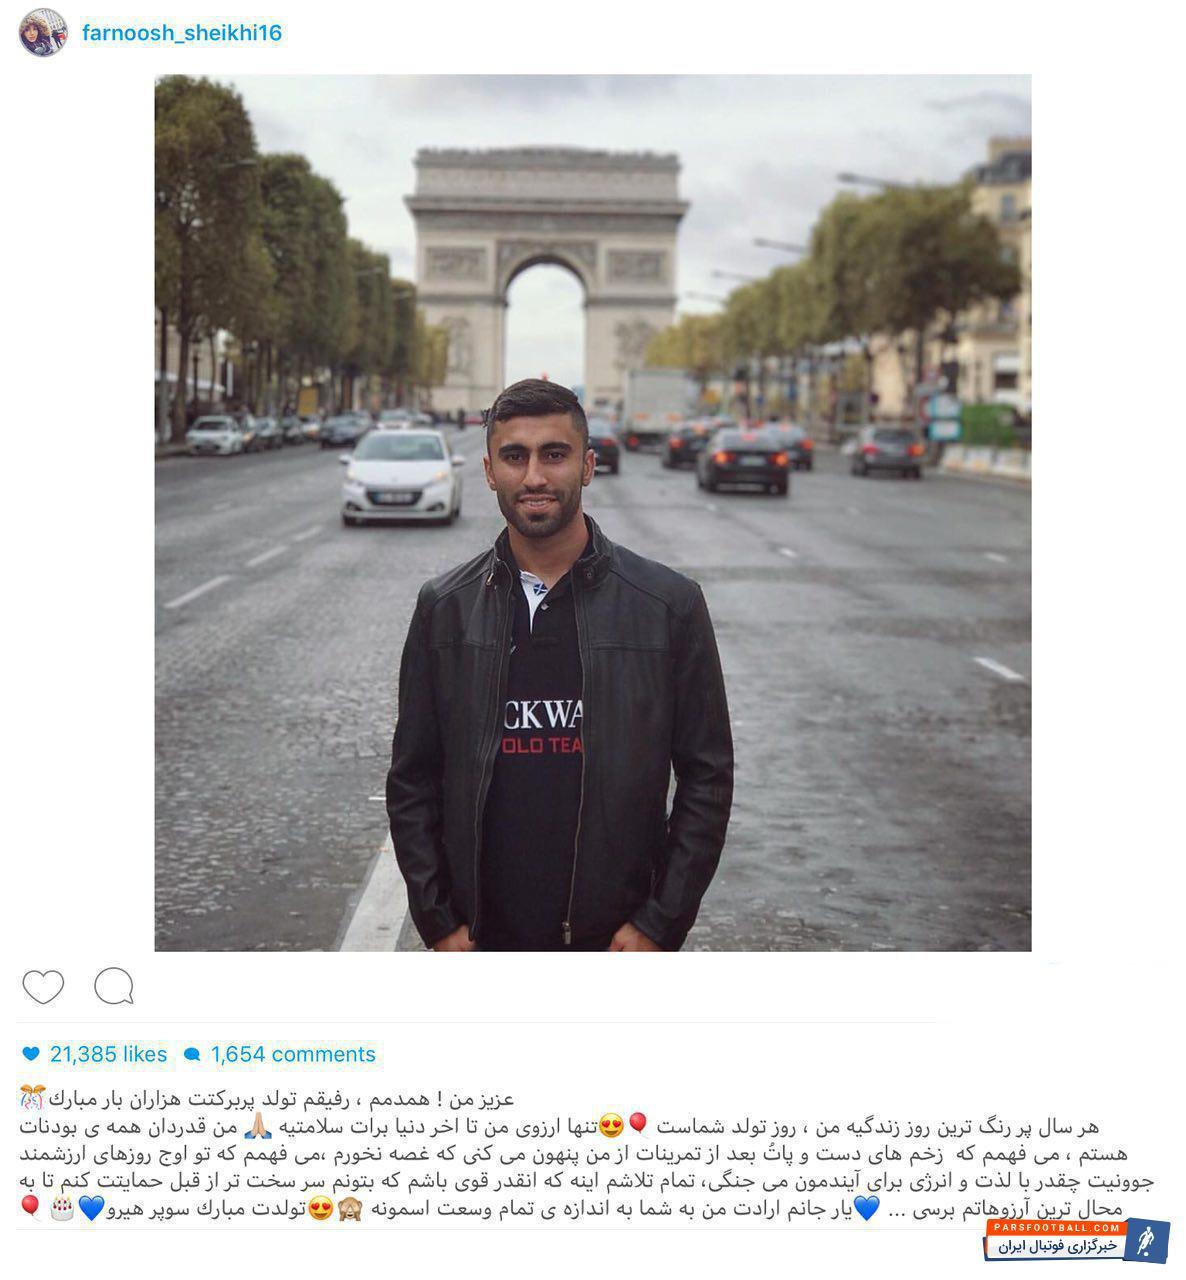 """اینستاگرافی؛ پست احساسی همسر """"کاوه رضایی"""" به مناسبت ستاره محبوب هواداران استقلال"""